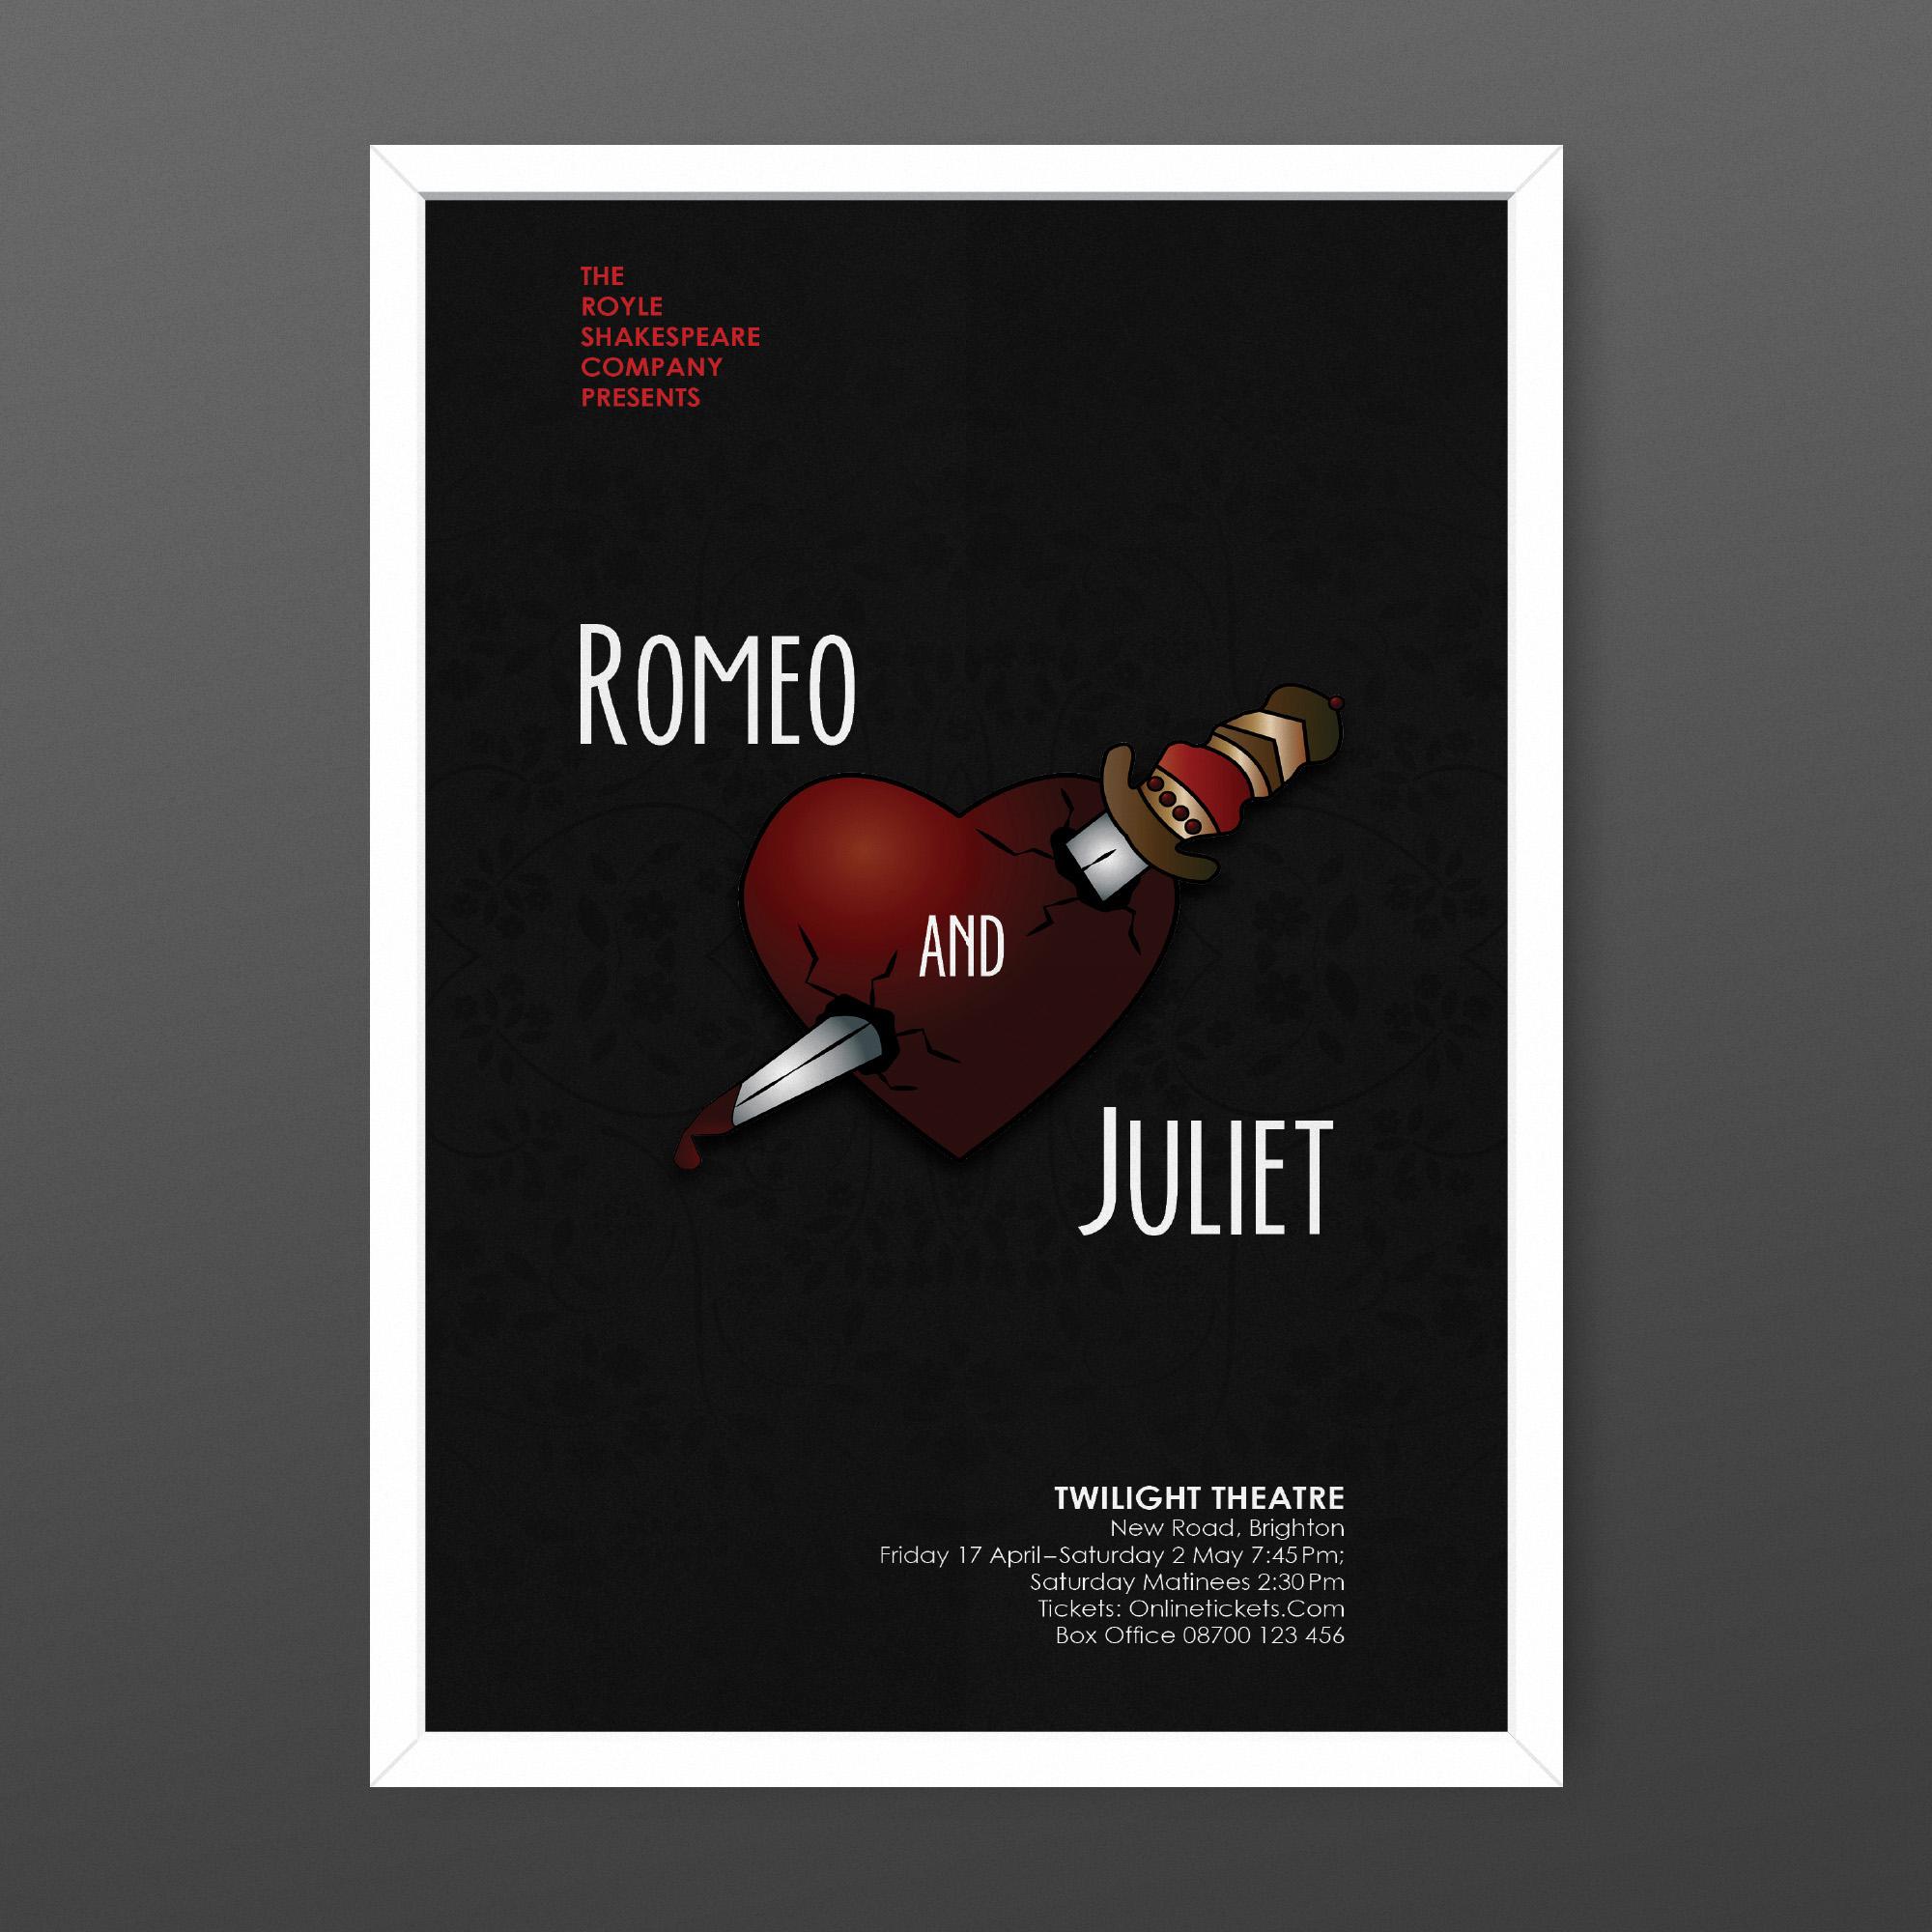 Final Poster Design In Frame